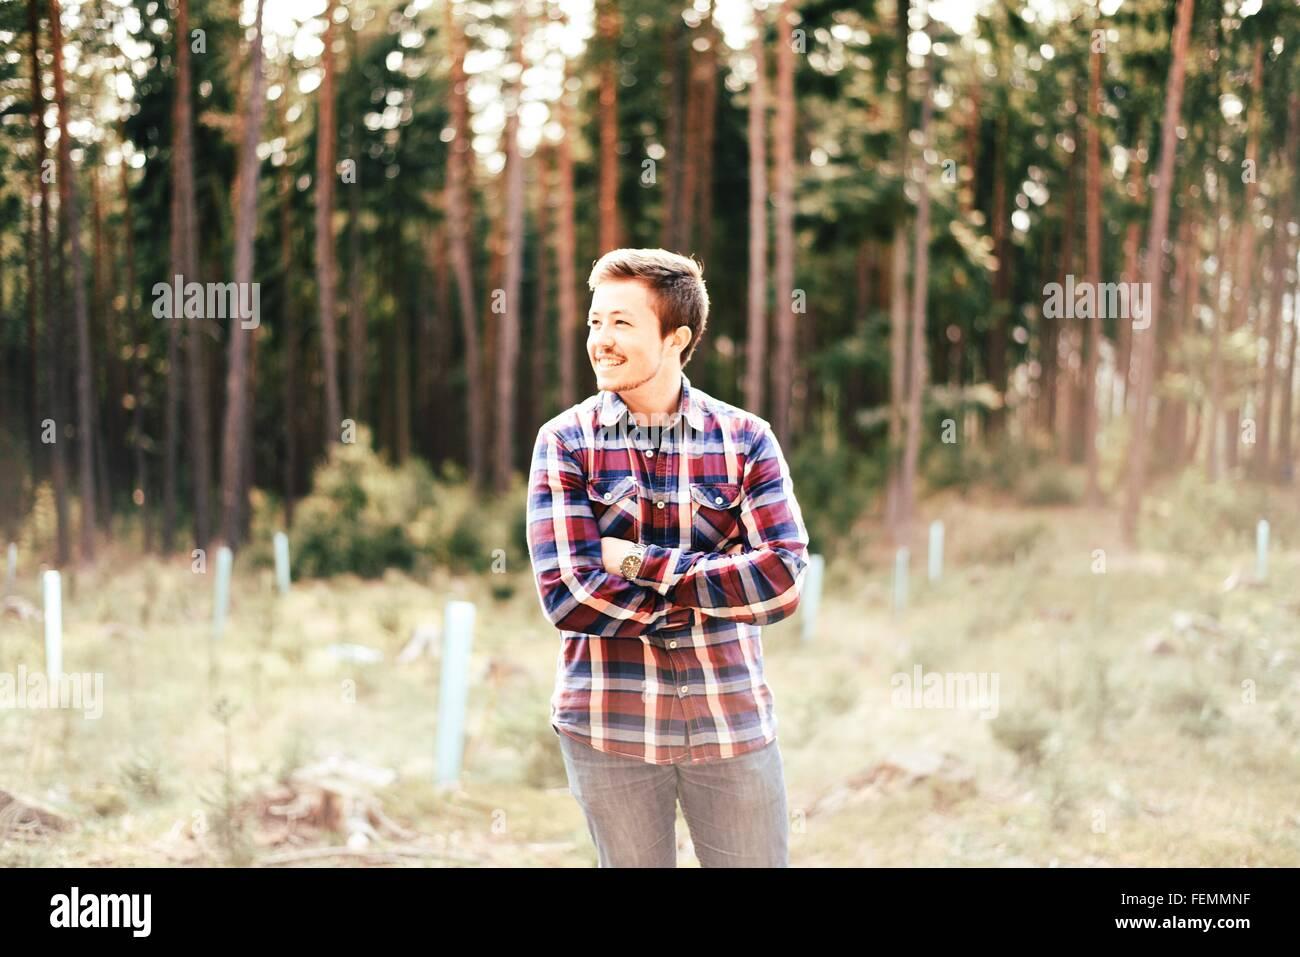 Glücklicher Mann stehend mit verschränkten im Wald Stockbild